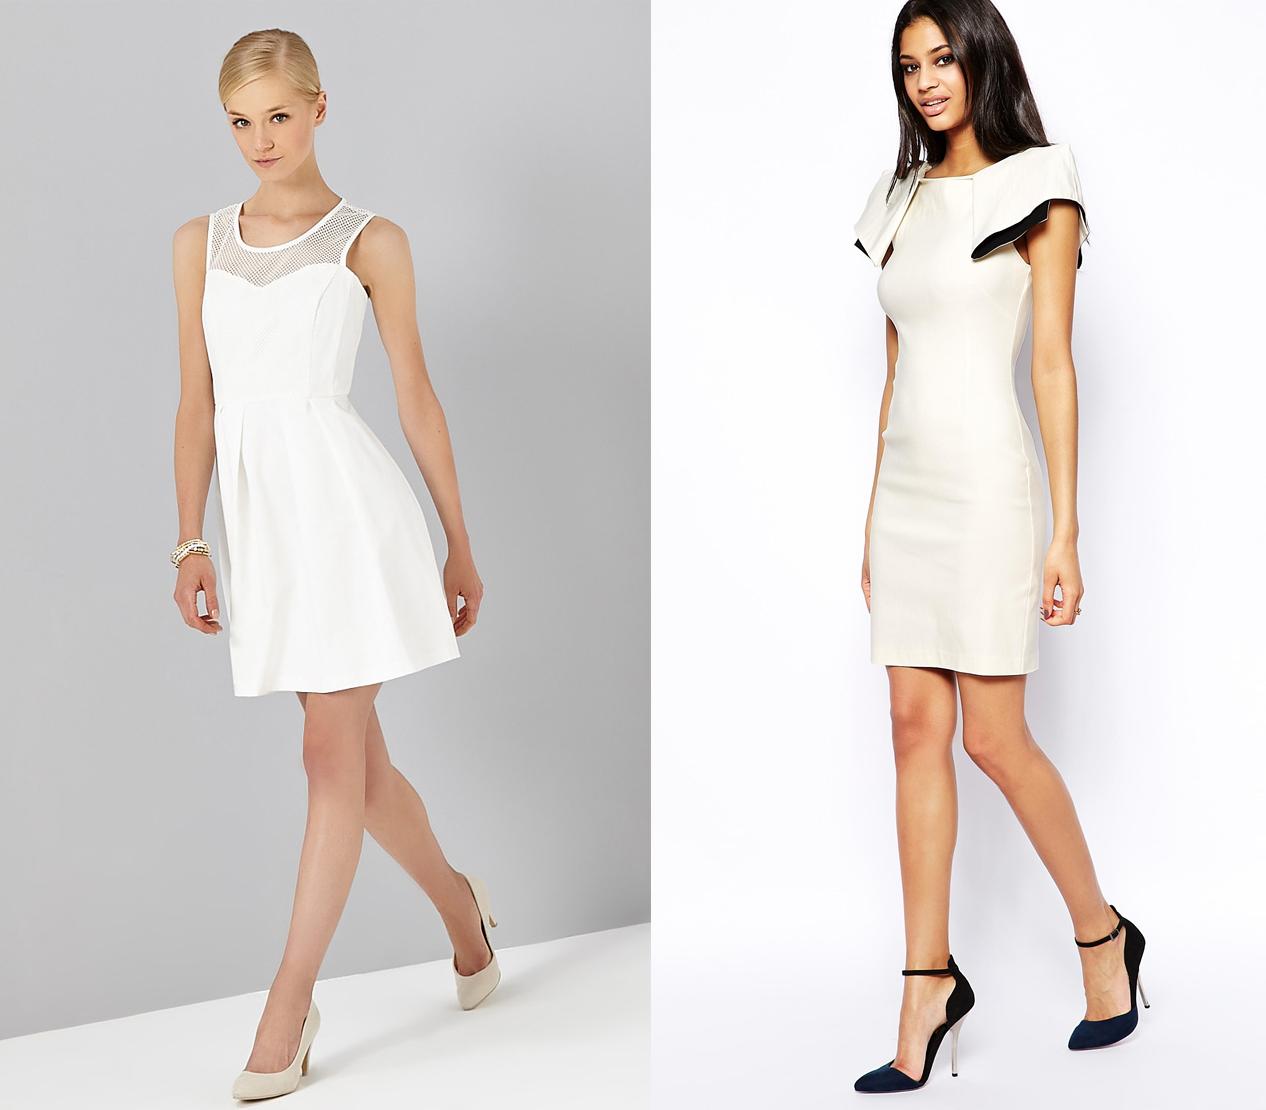 Letní společenské šaty  Na party 9646c35c13